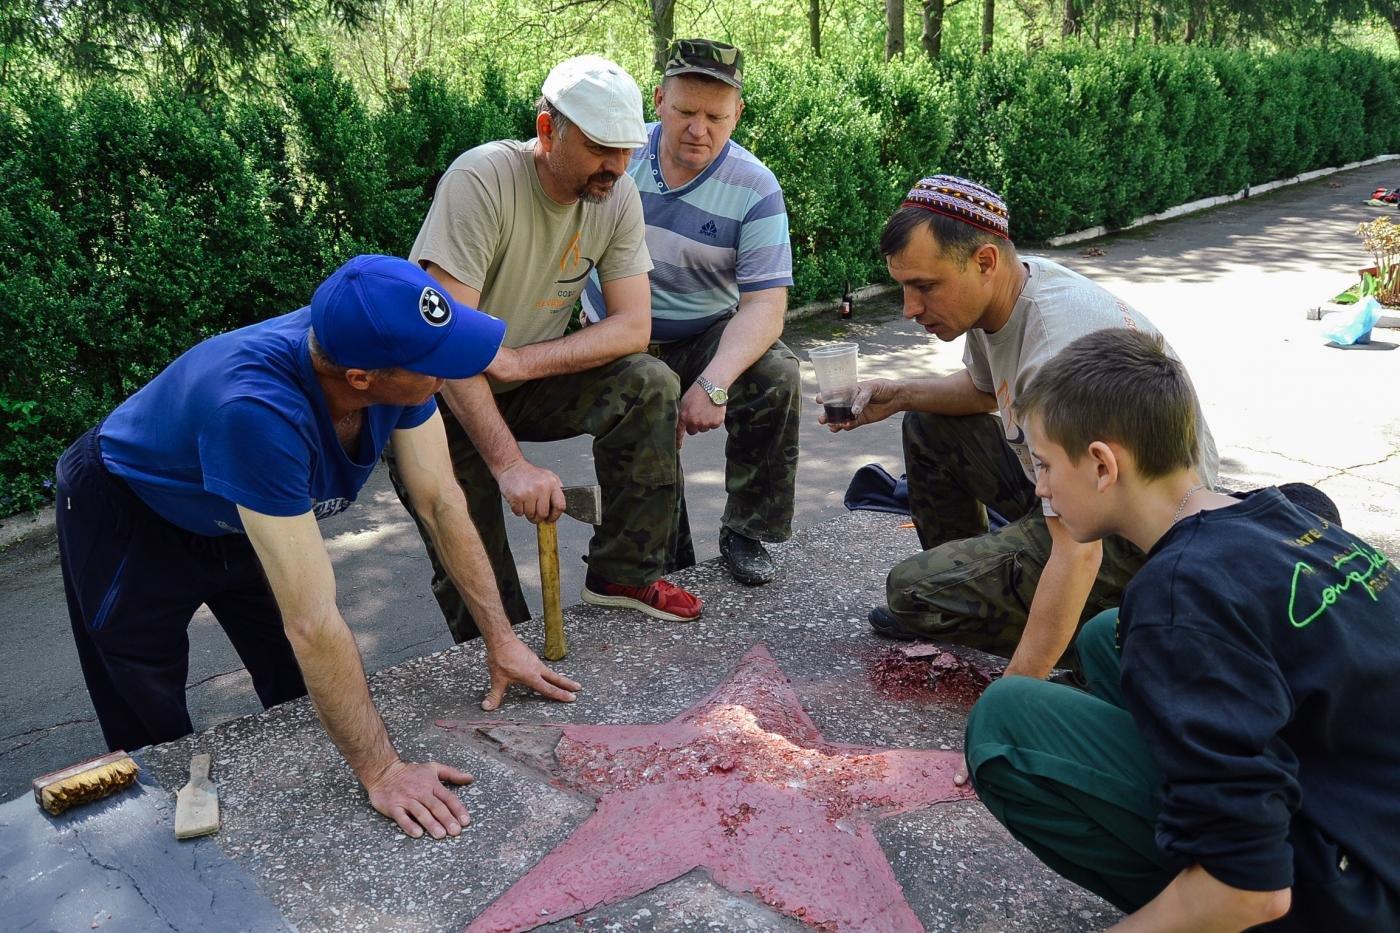 Криворожане собственными силами привели в порядок братскую могилу ВМВ, - ФОТО , фото-8